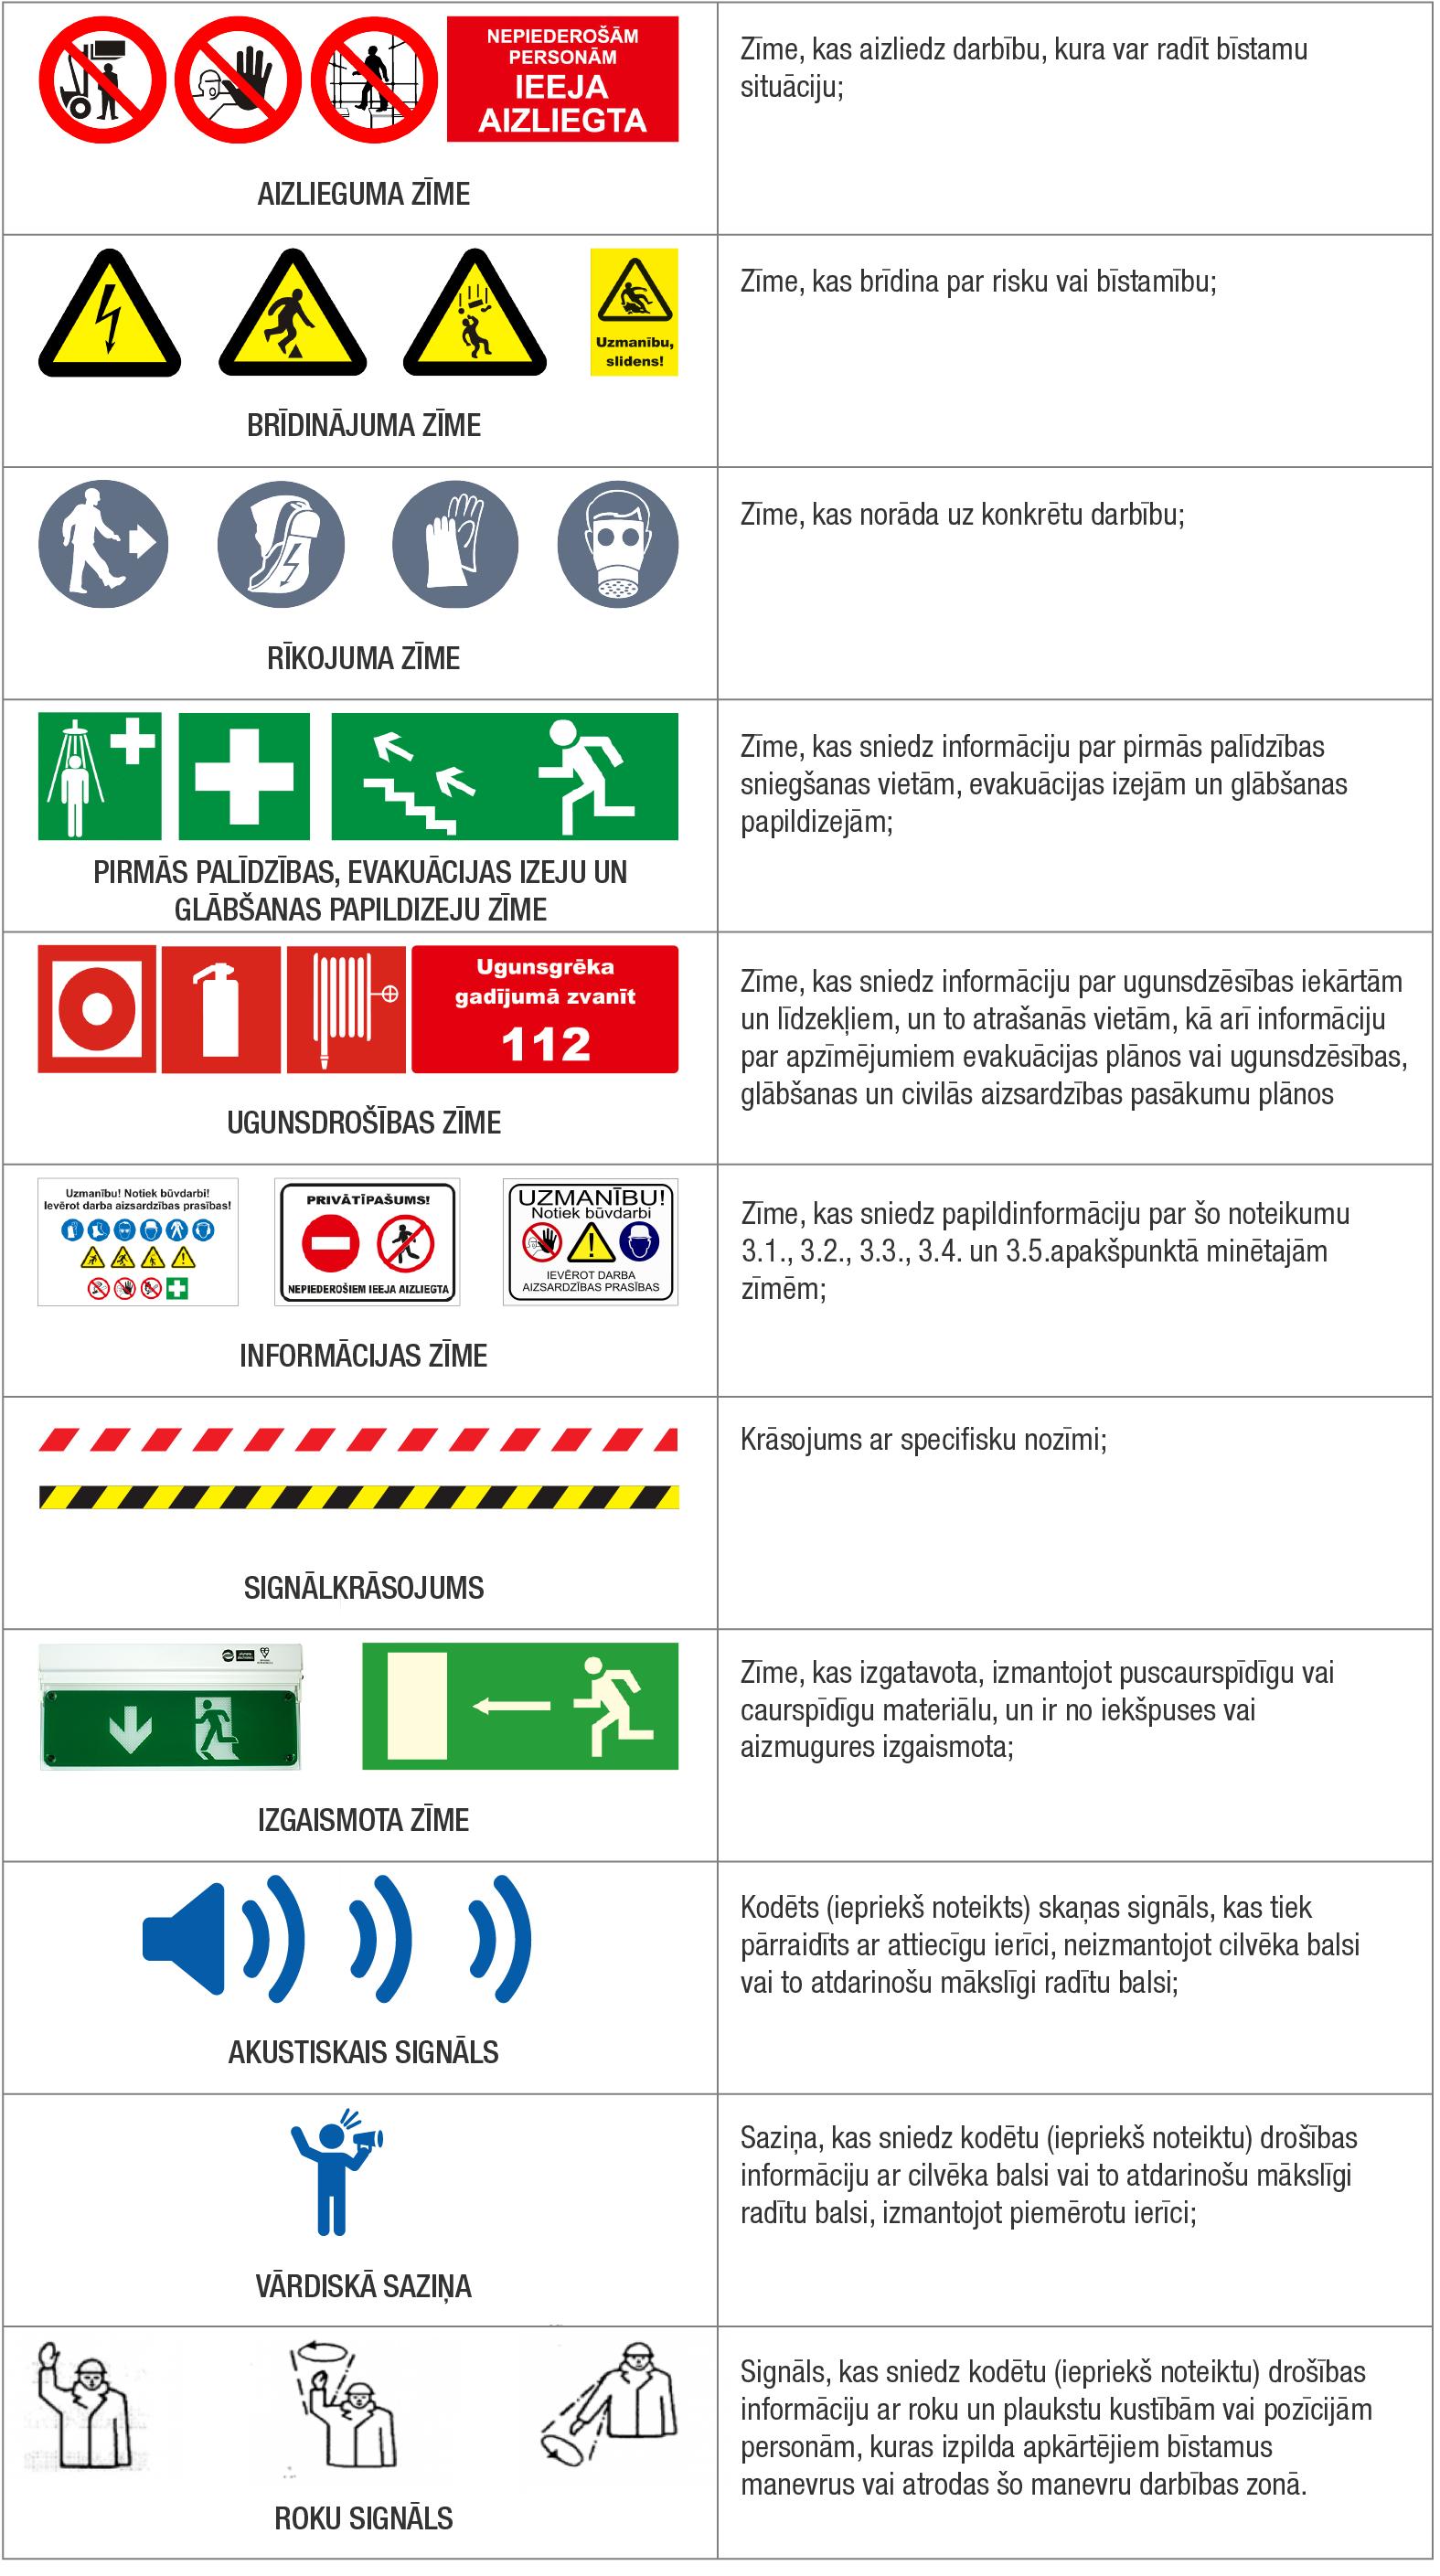 Darba drošības zīmes norādes un skaidrojumi